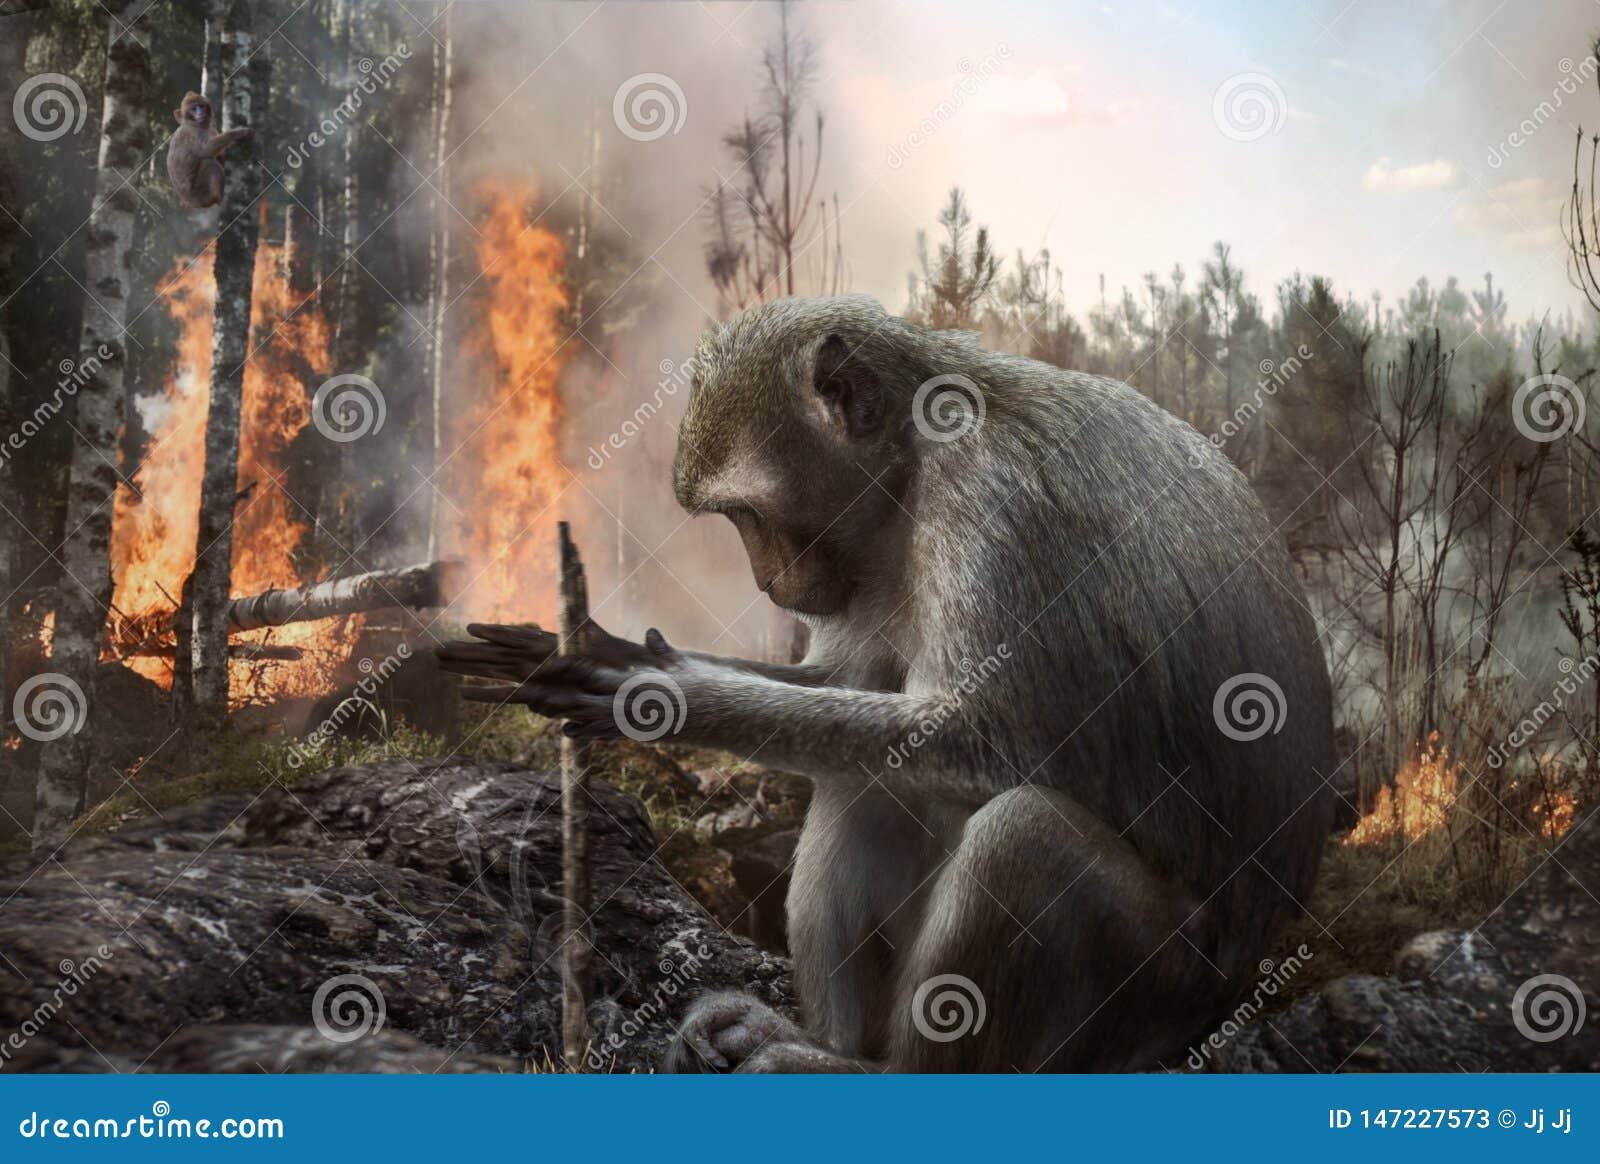 De plaatsende brand van pyromaanmokey in de bosontbossing, gevaar, milieu